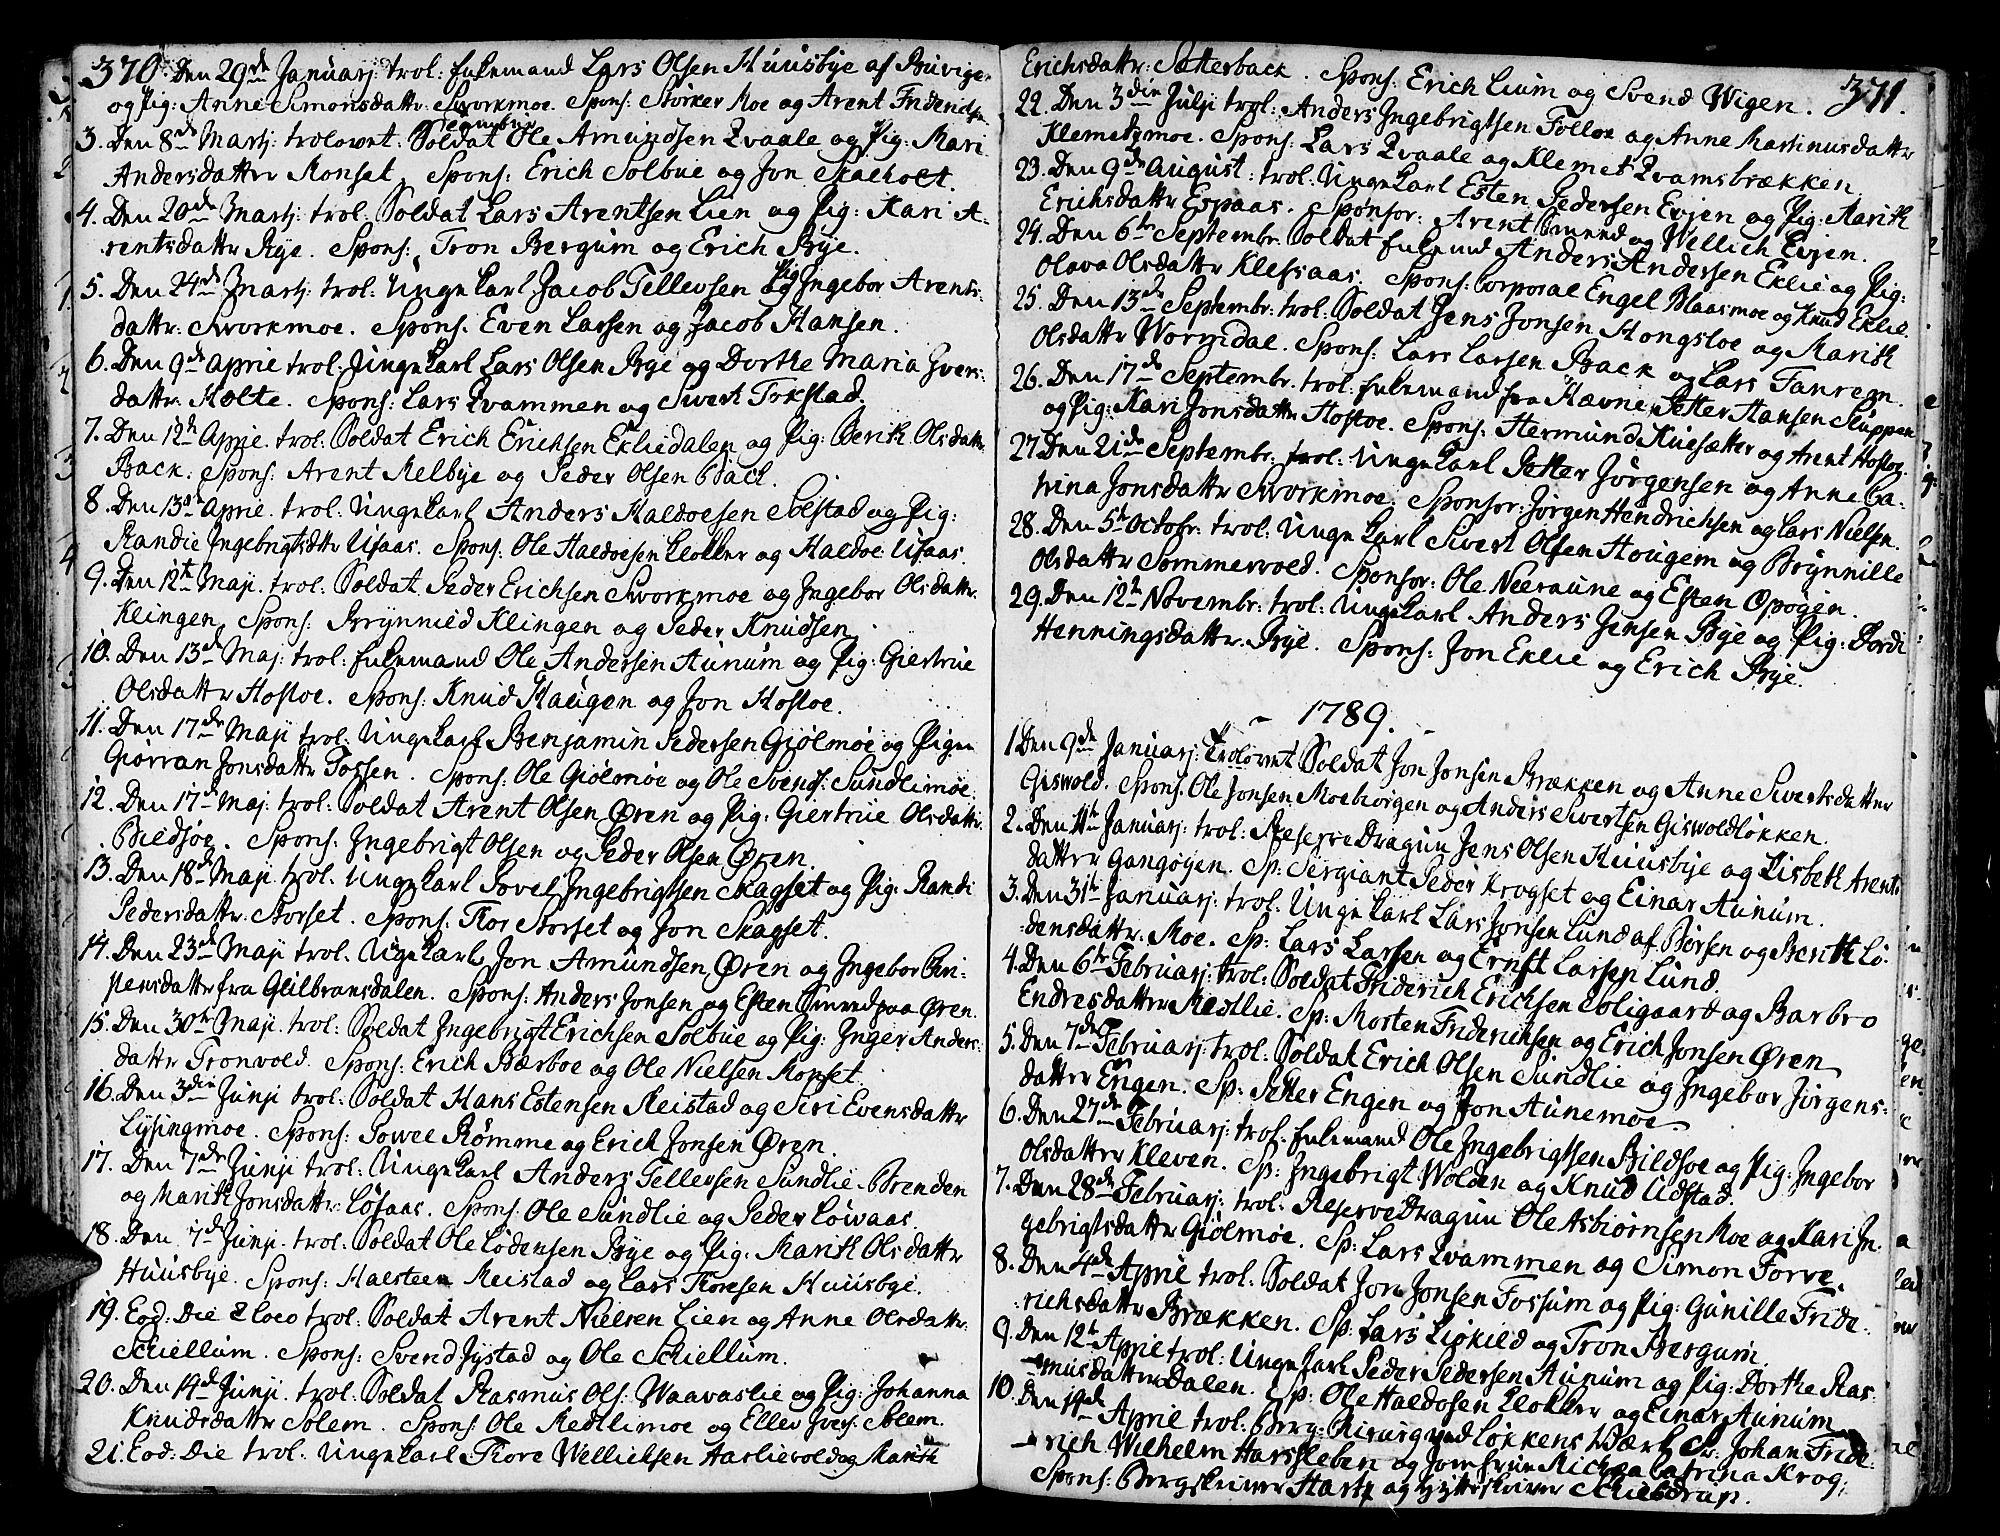 SAT, Ministerialprotokoller, klokkerbøker og fødselsregistre - Sør-Trøndelag, 668/L0802: Ministerialbok nr. 668A02, 1776-1799, s. 370-371